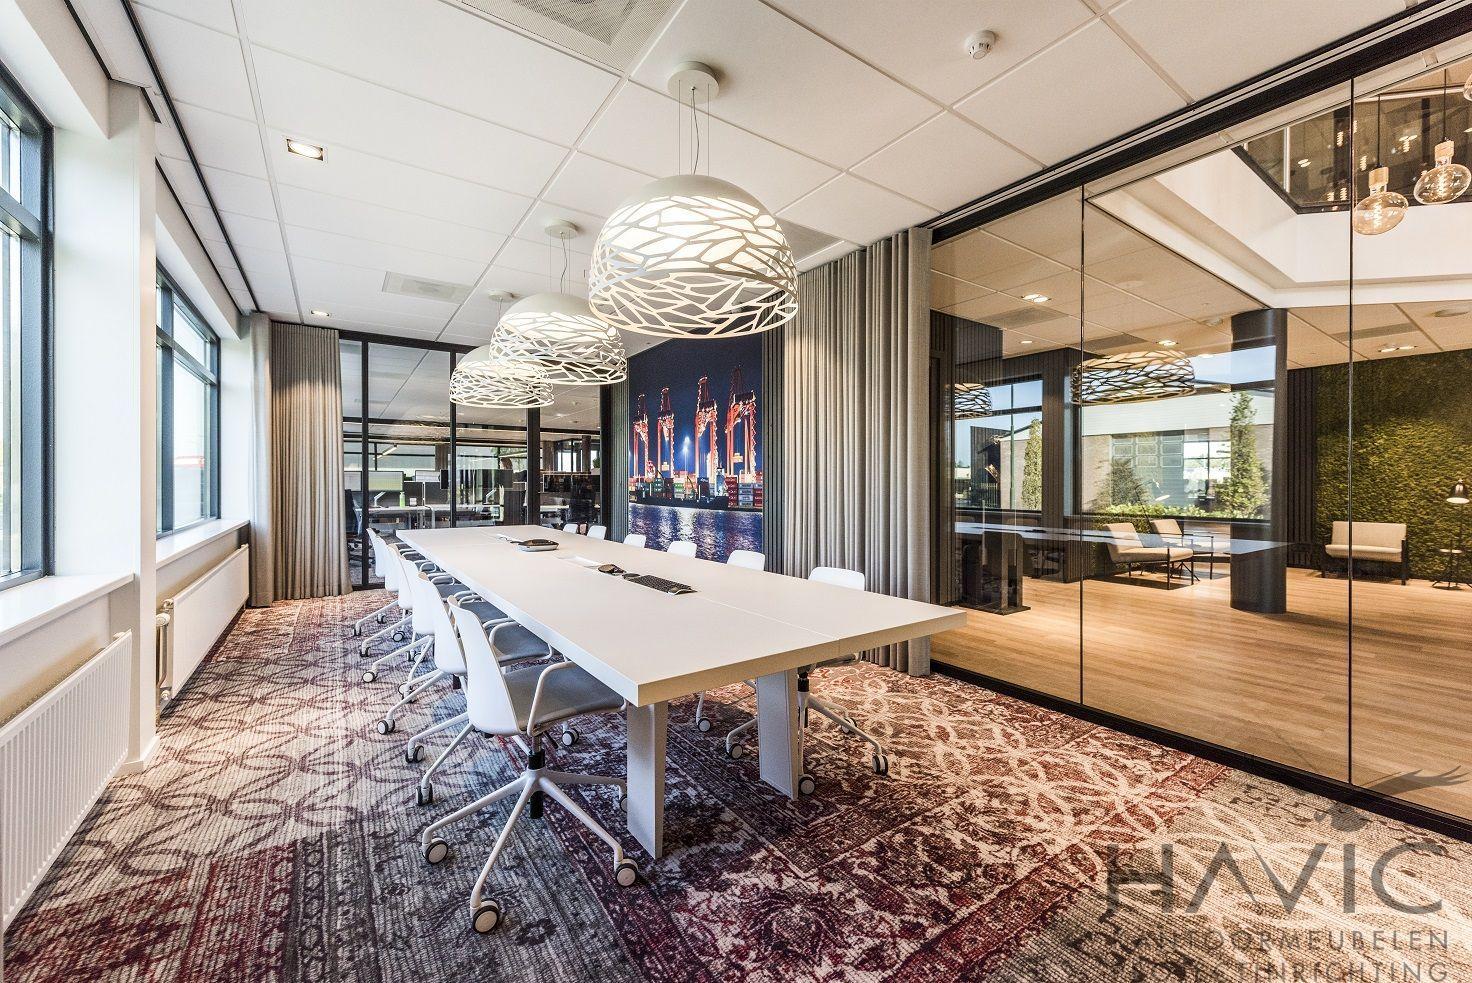 Tapijt Den Bosch : Jan fabre mag ondanks gesmijt met katten tapijt voor noordbrabants